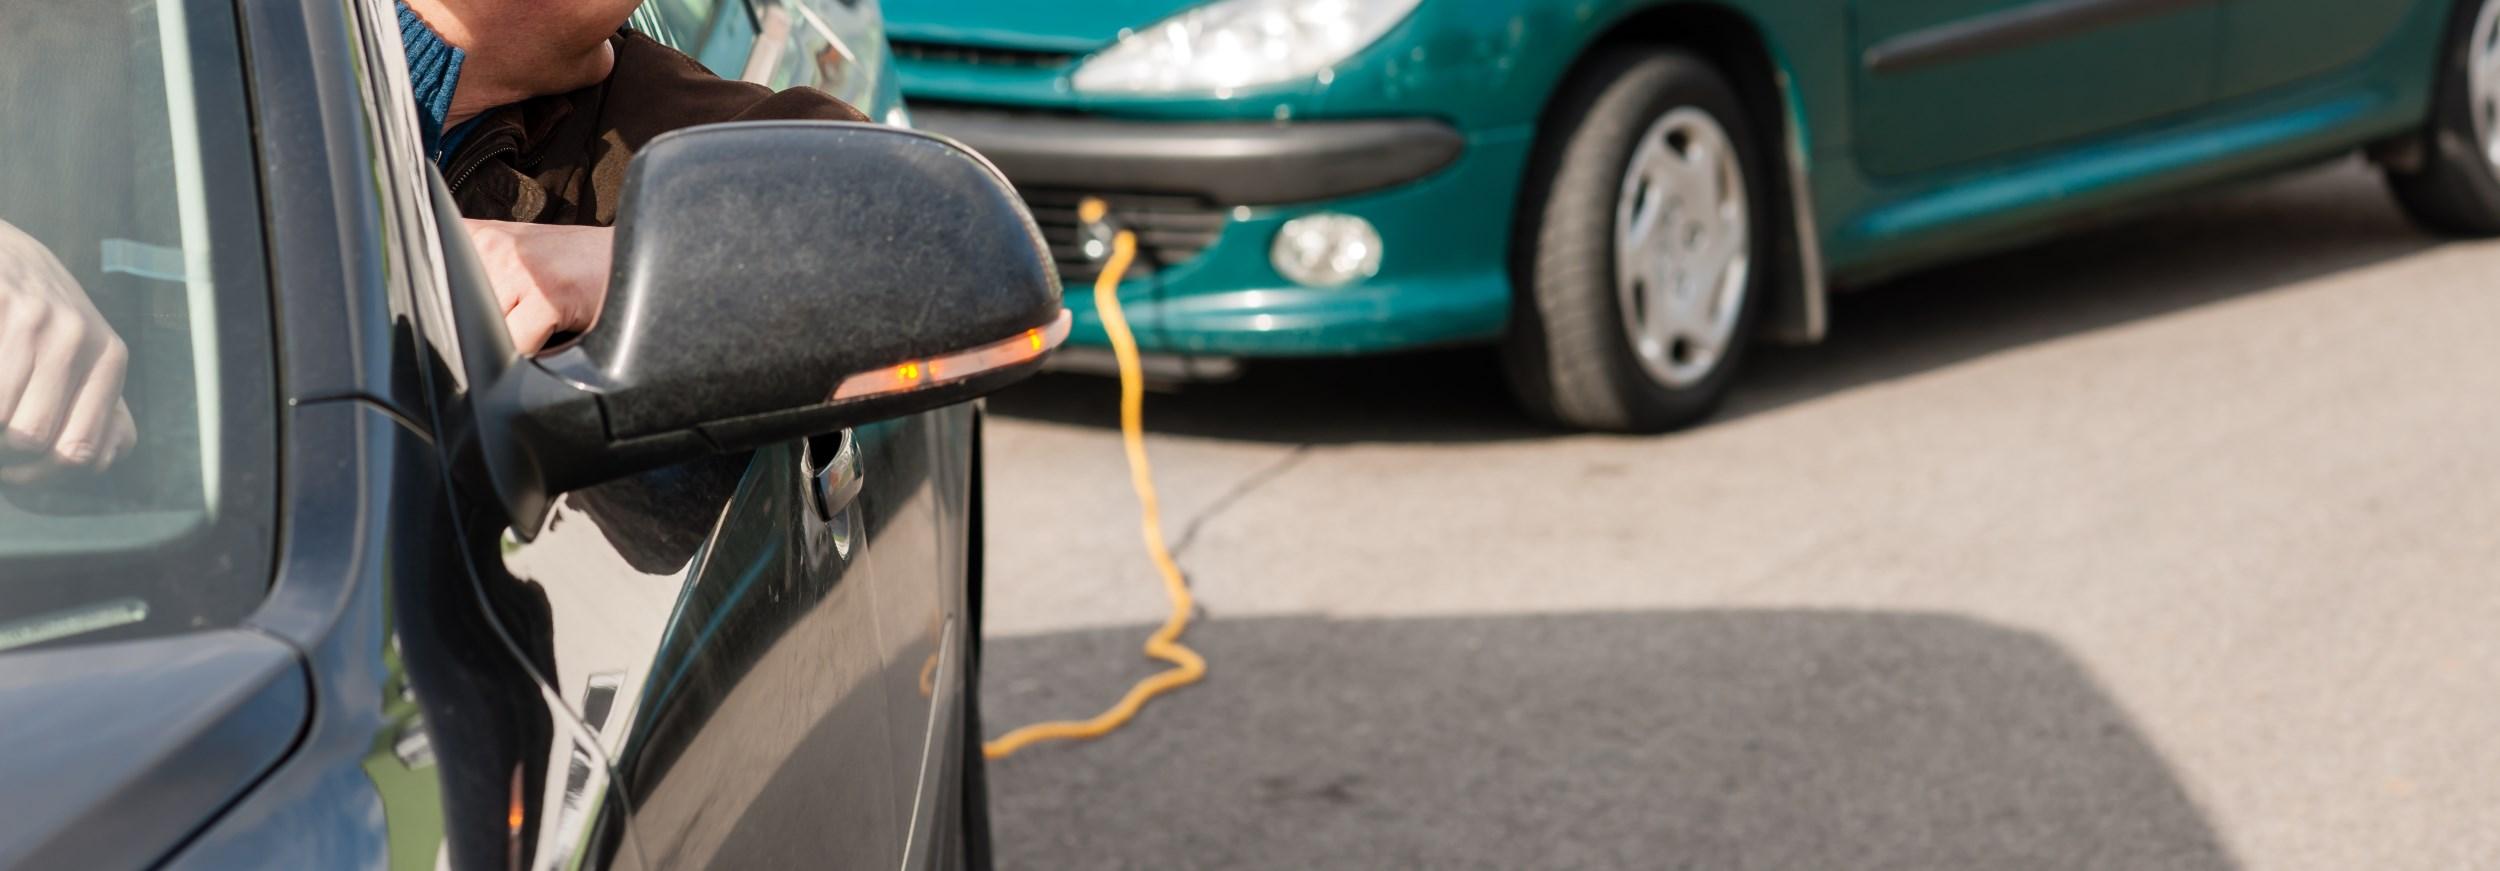 Буксировочный трос и буксировка автомобиля